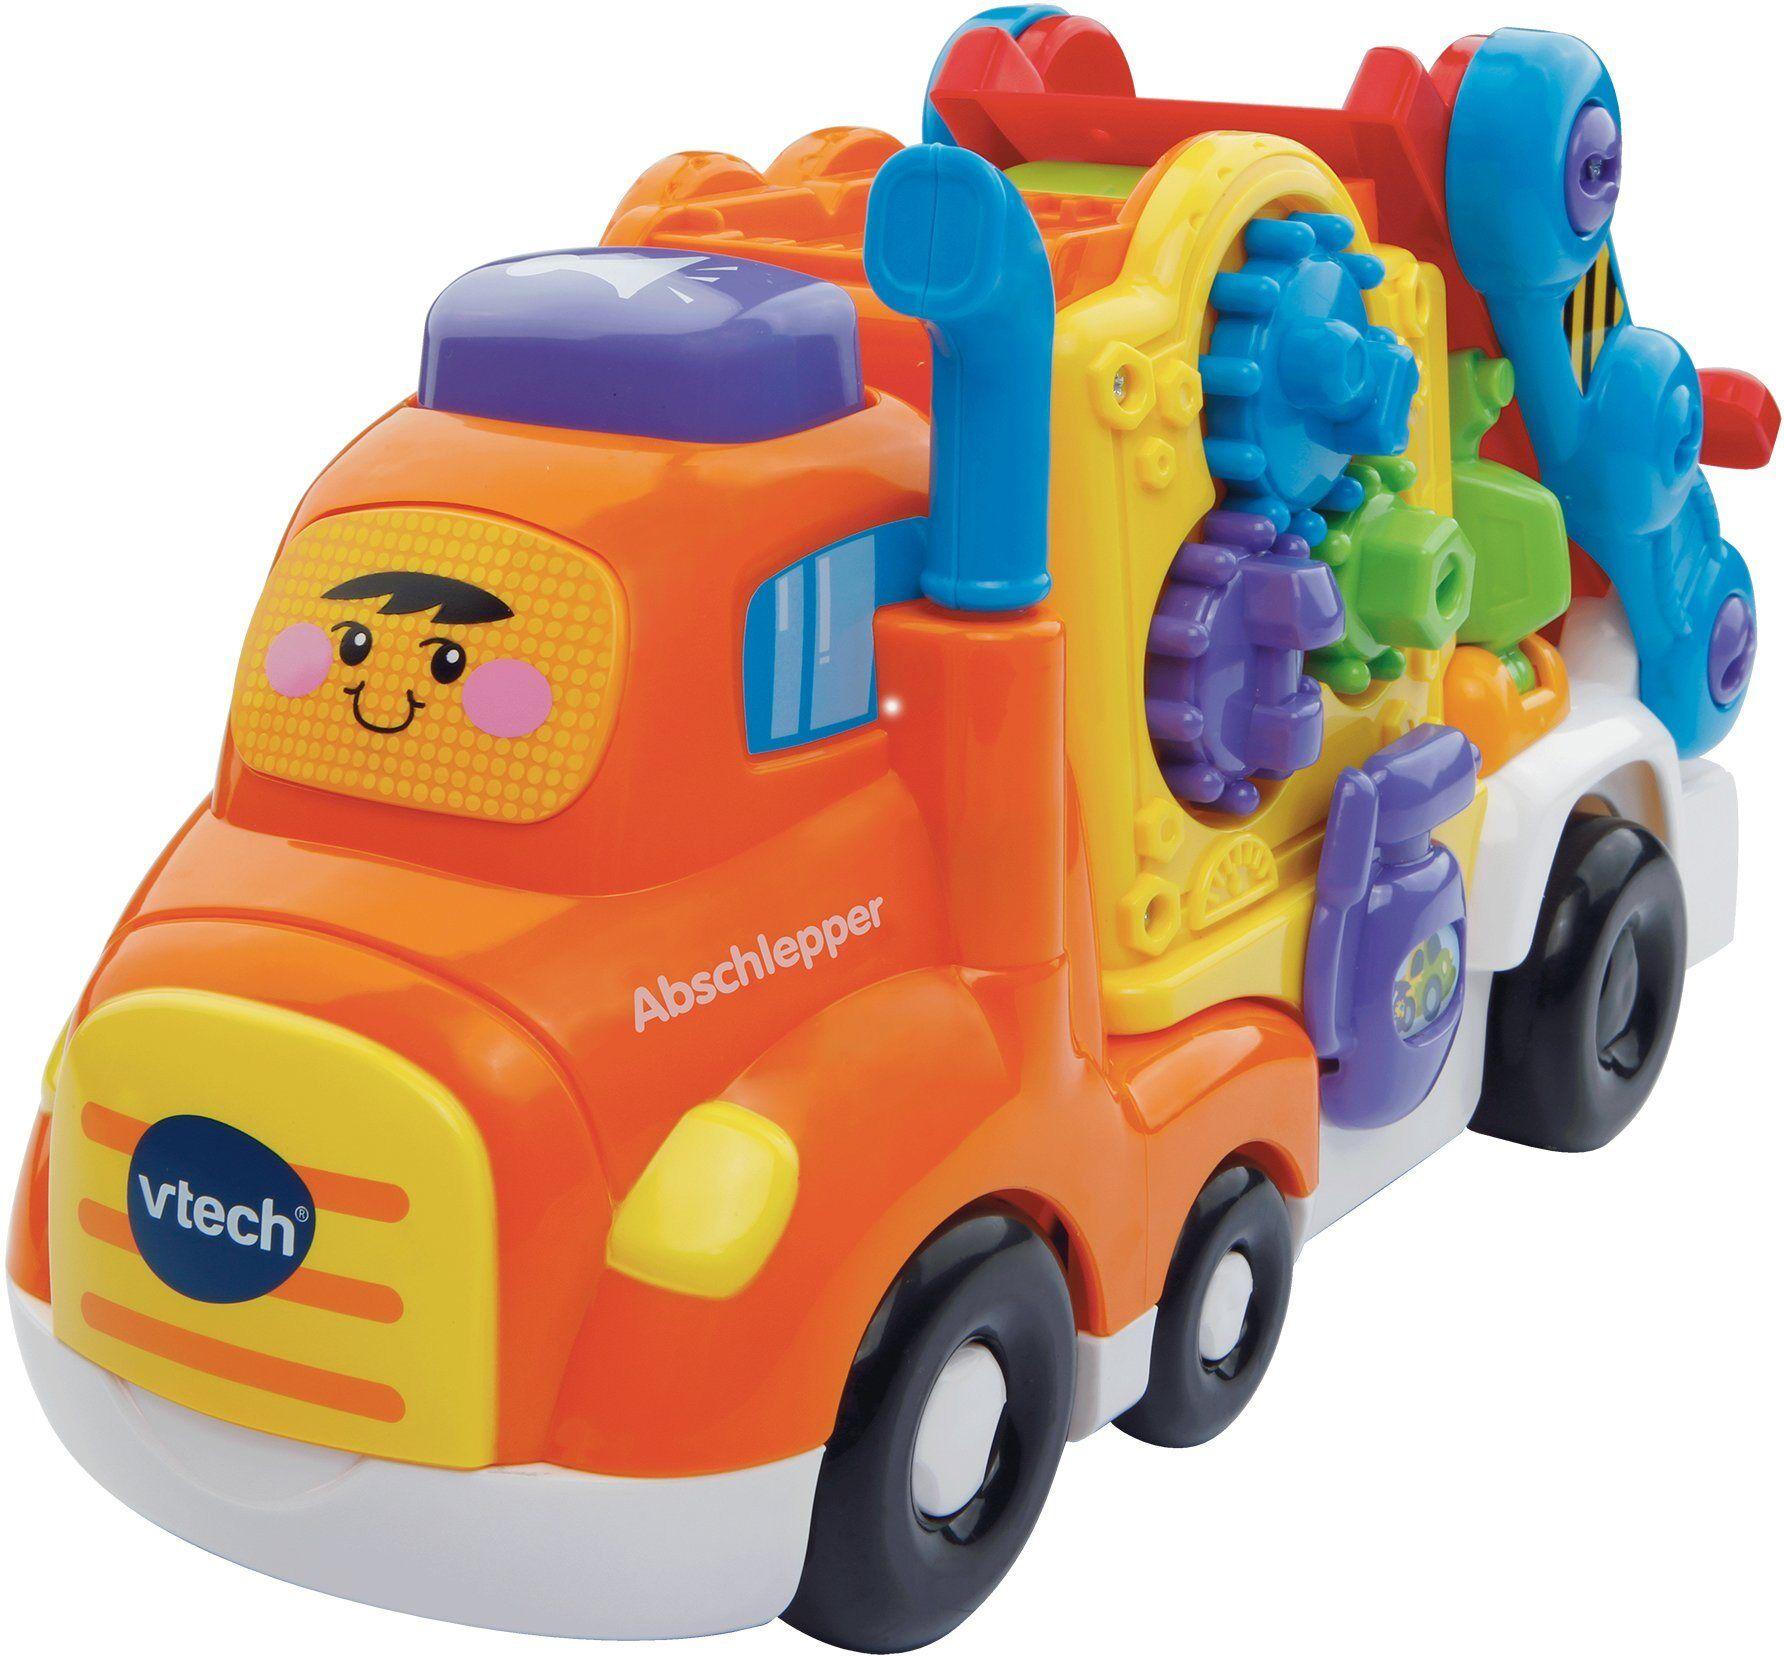 Vtech® Spielzeug-Auto »Tut Tut Baby Flitzer Abschlepper«, mit Licht und Sound, bunt